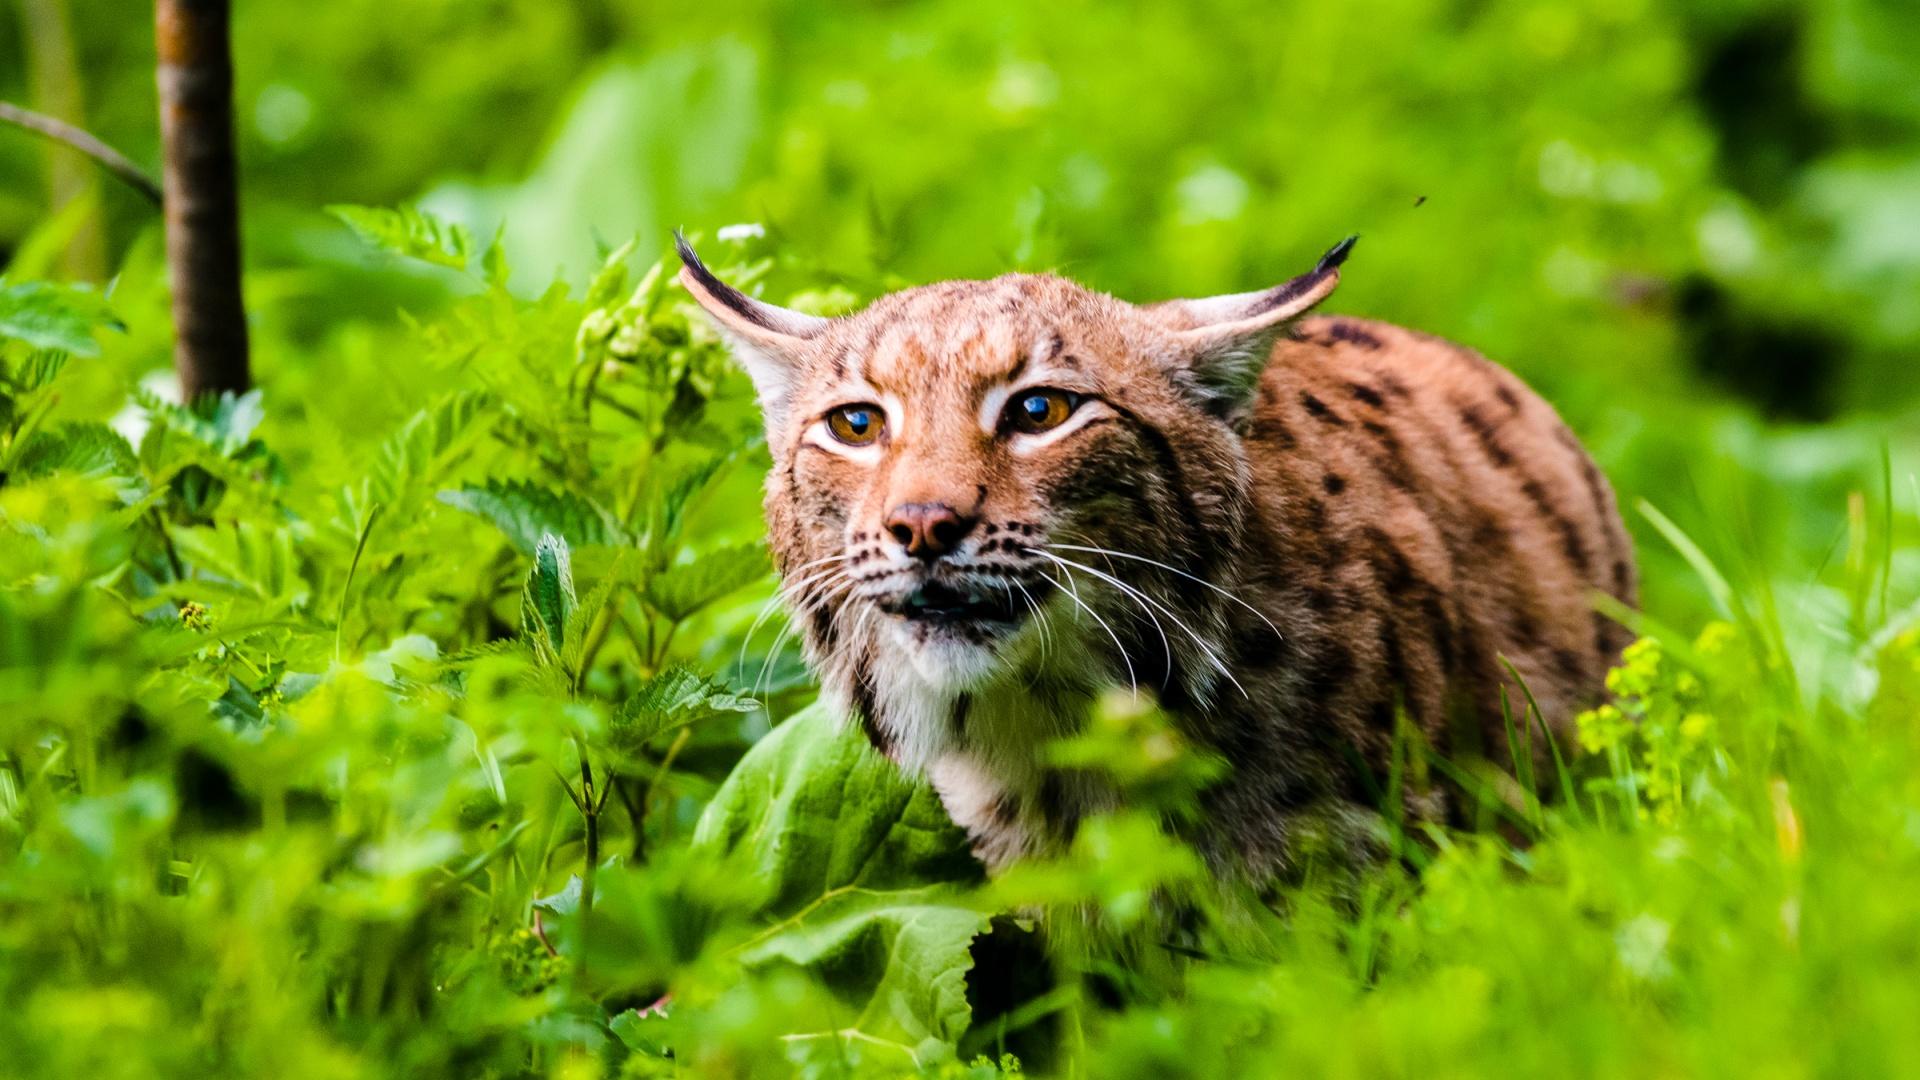 eurasian-lynx-ready-attack-national-park-slovakia-tomas-hulik-wwf-1920x1080